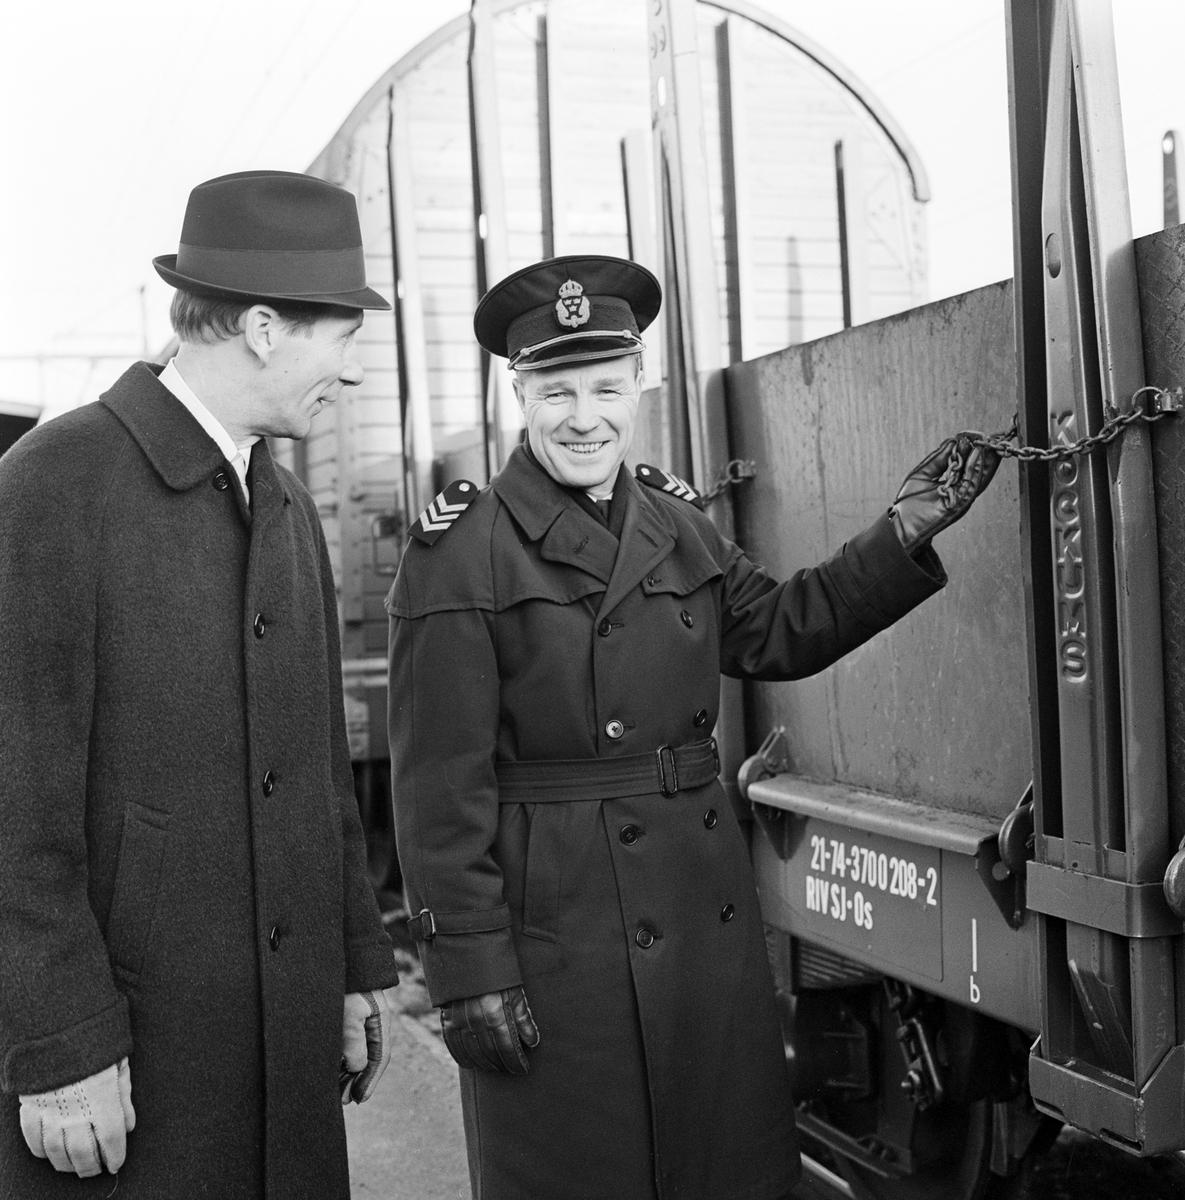 Stins Carl-Gusyf Gerdland och Underinspektör Inge Lindgren i uniform